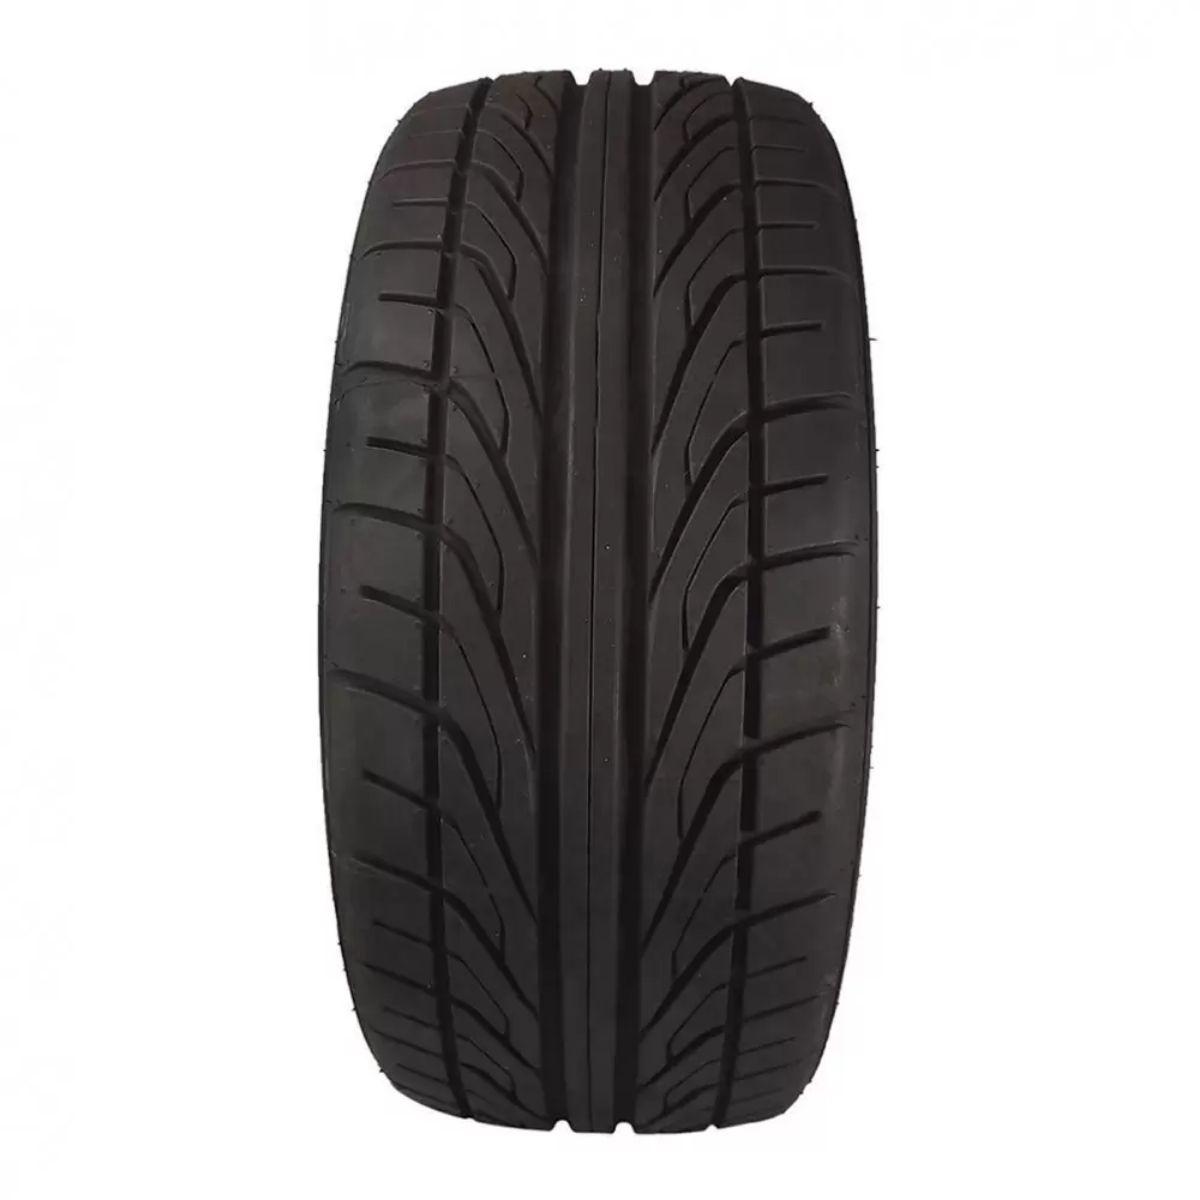 Pneu Dunlop Direzza DZ101 Aro 17 225/45 94W